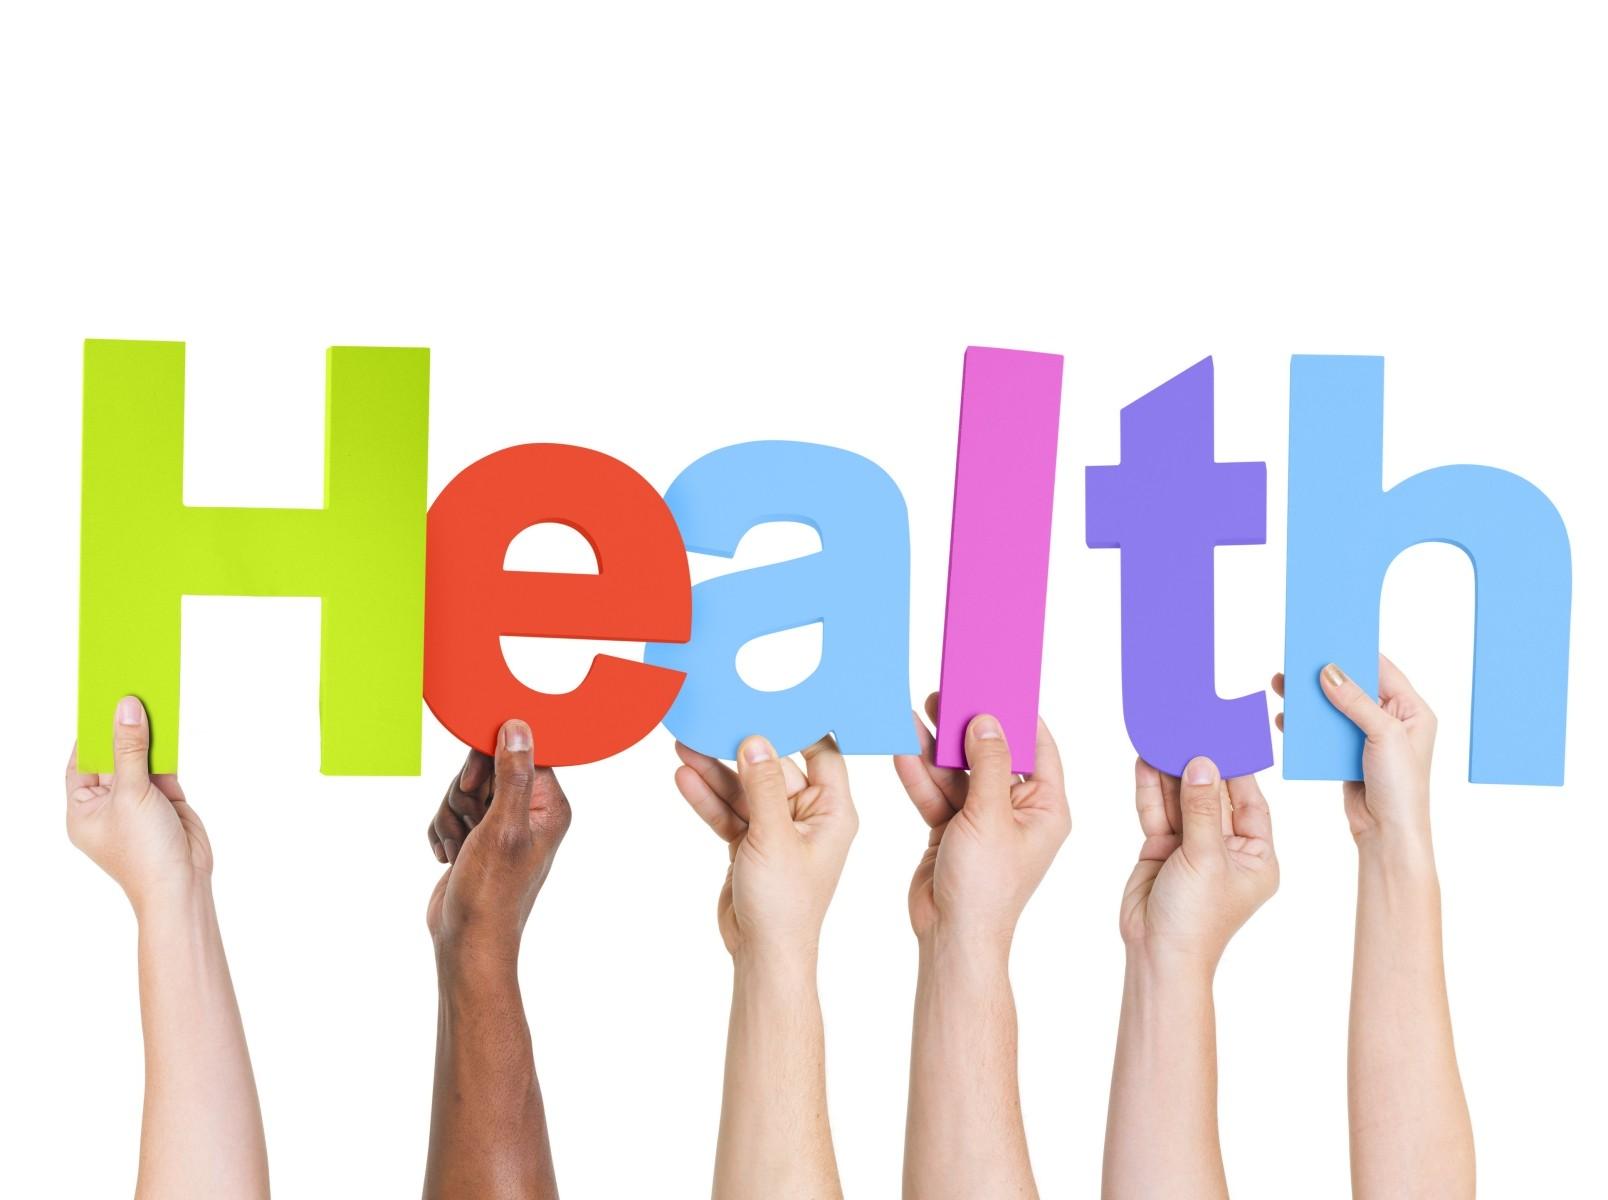 چرا مبارزه با چاقی از اهمیت زیادی برخوردار است؟